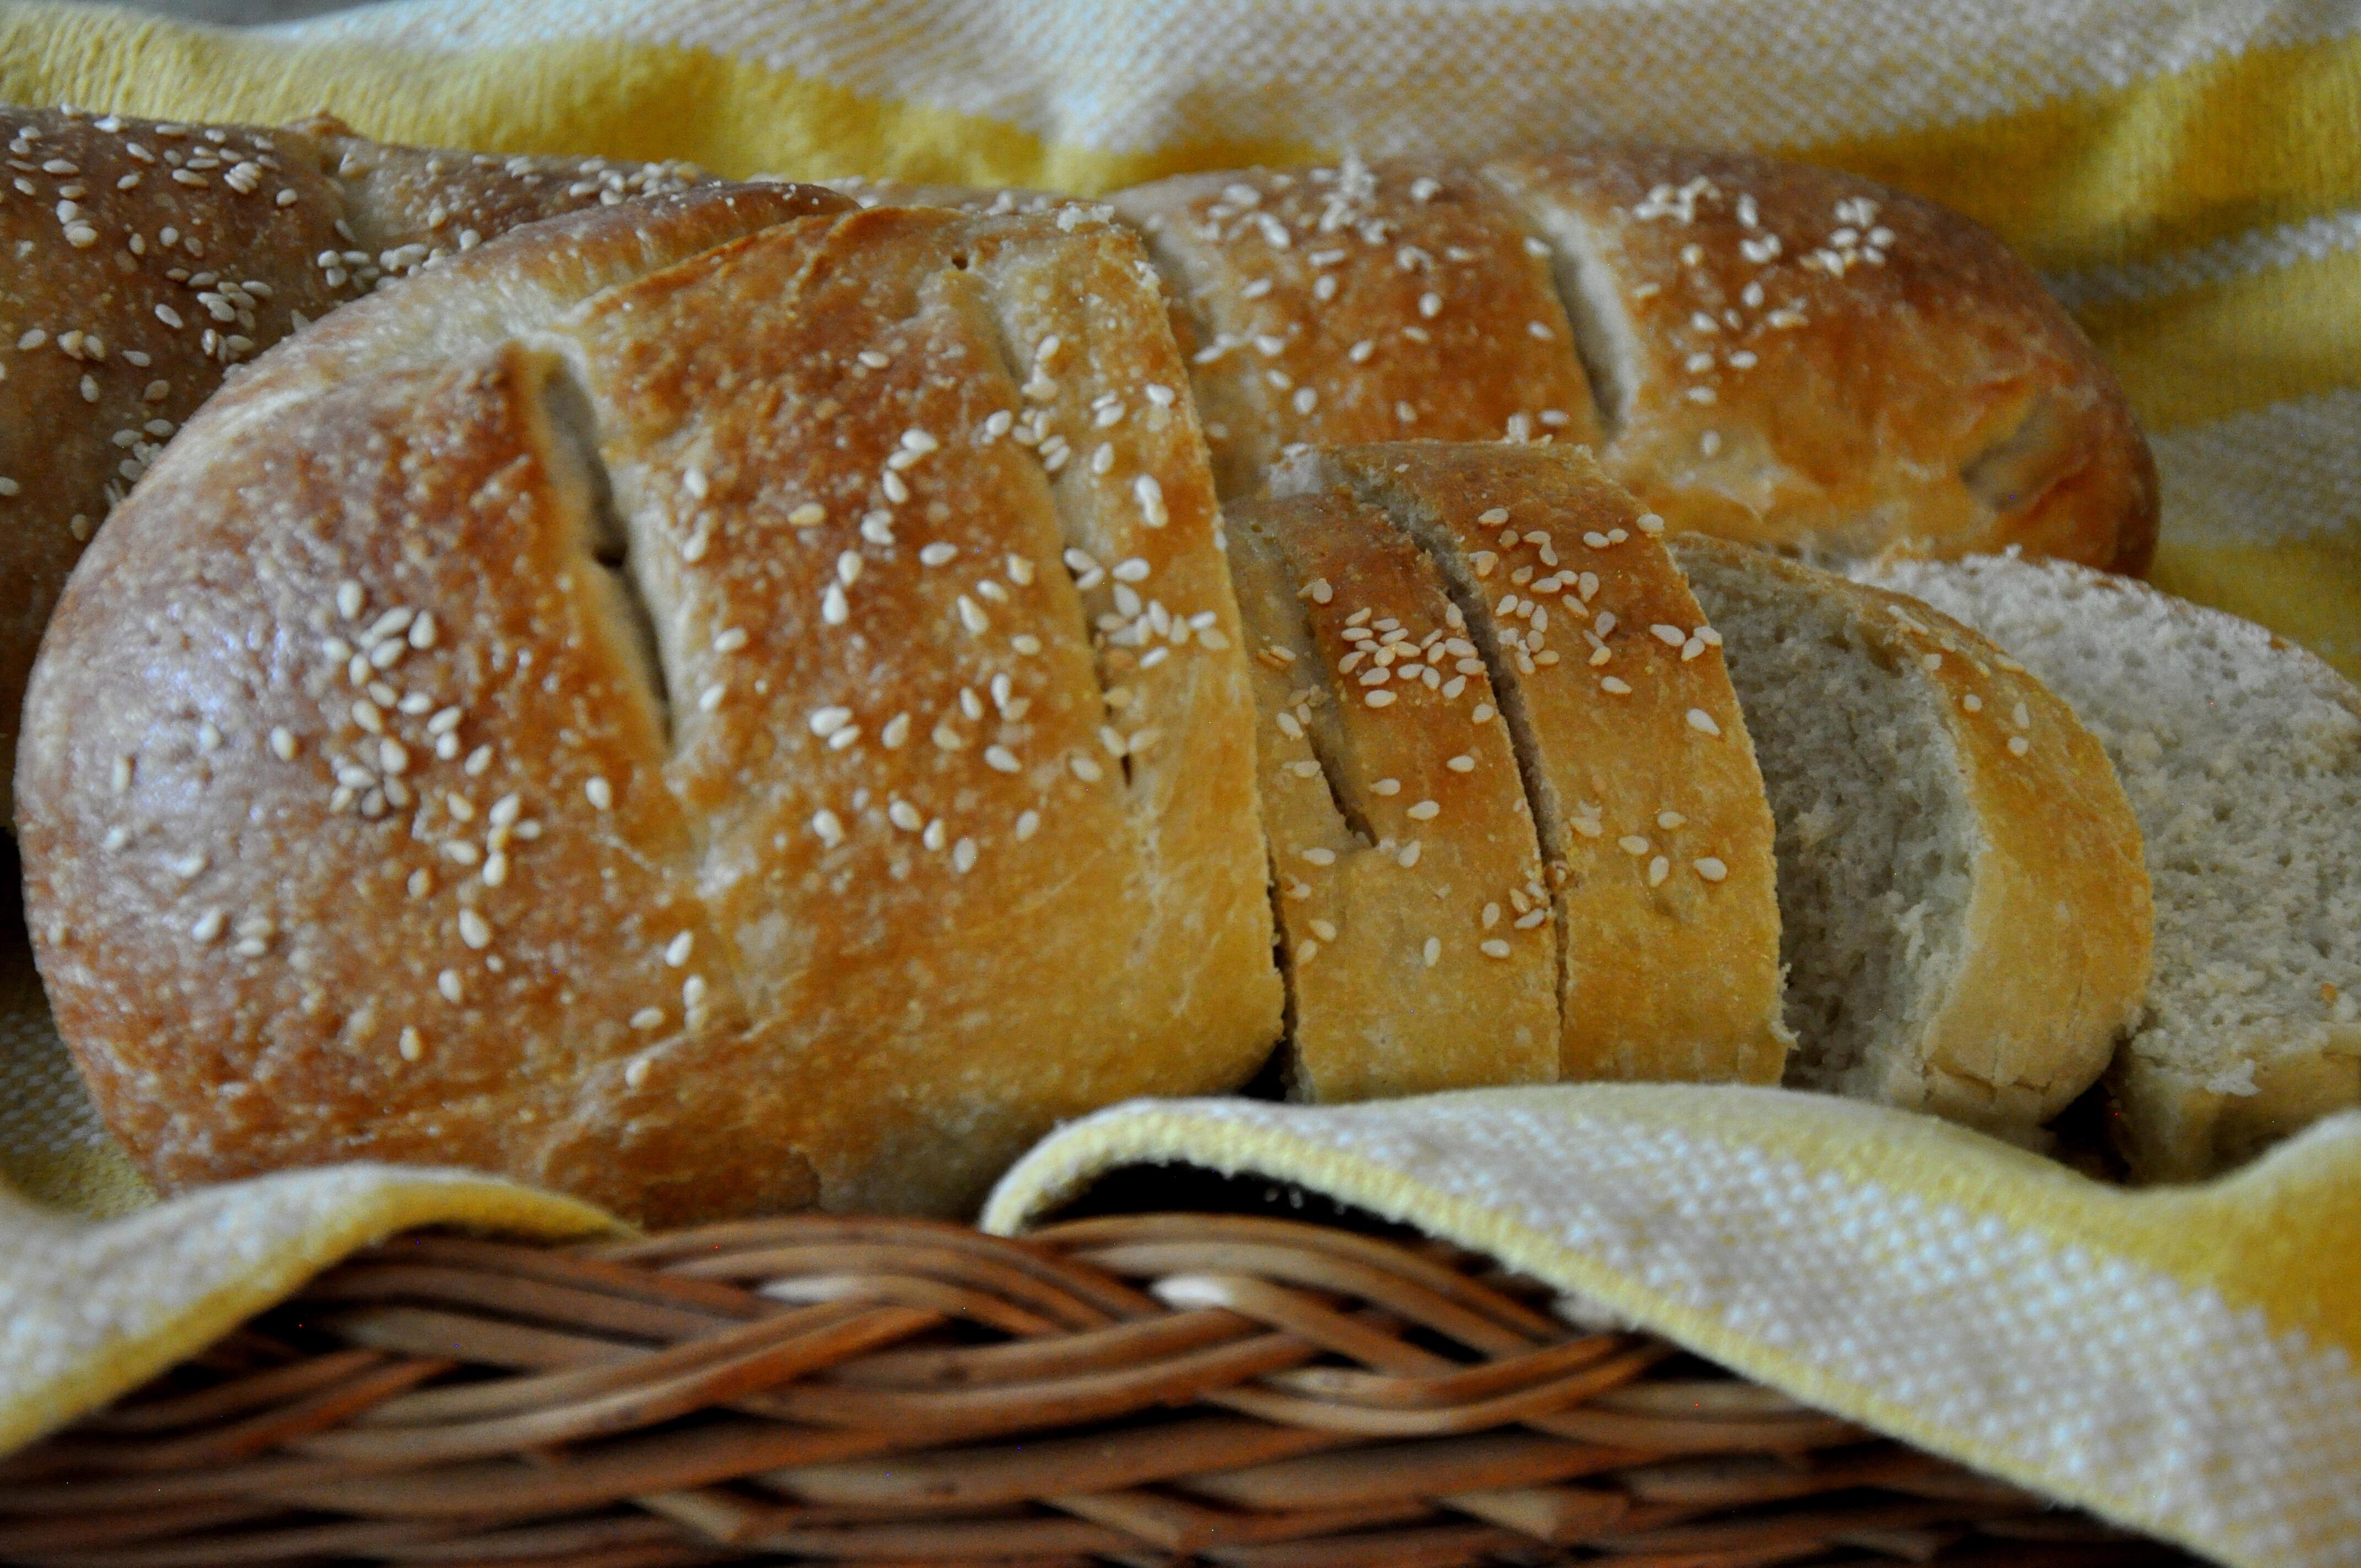 Homemade Italian Bread via @susanmylovingoven.com